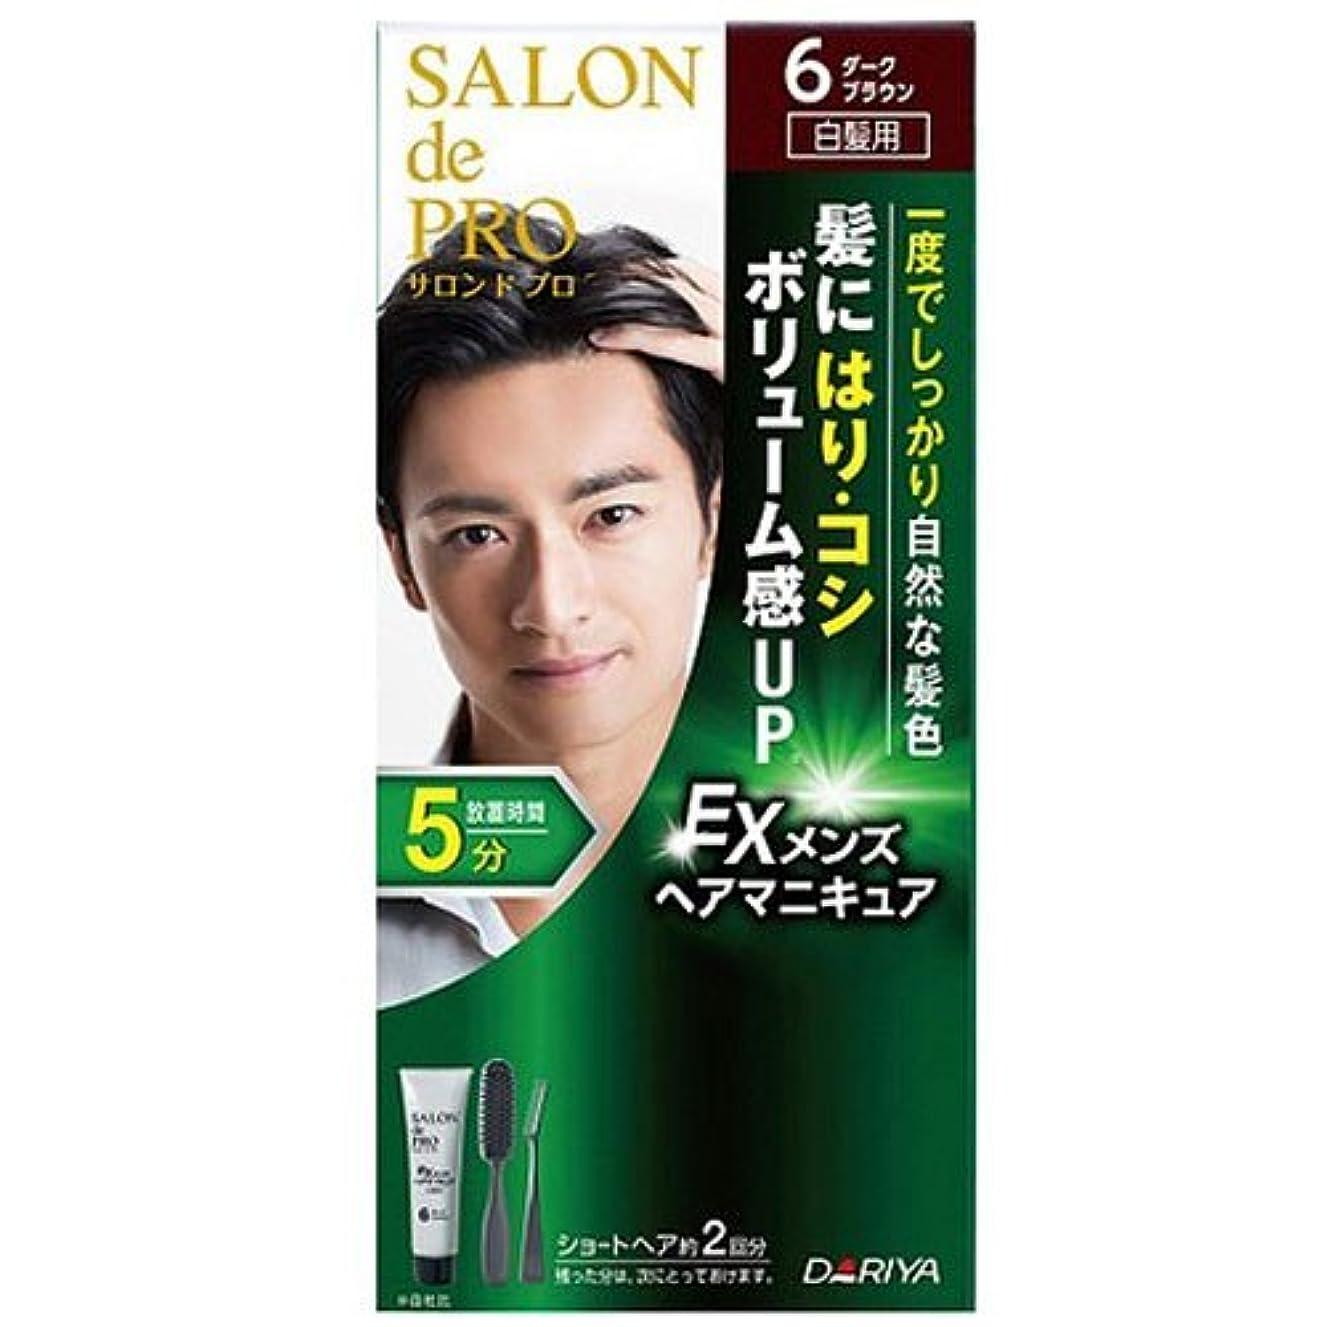 ラウンジシダ免除サロンドプロ EXメンズヘアマニキュア 白髪用 6 ダークブラウン